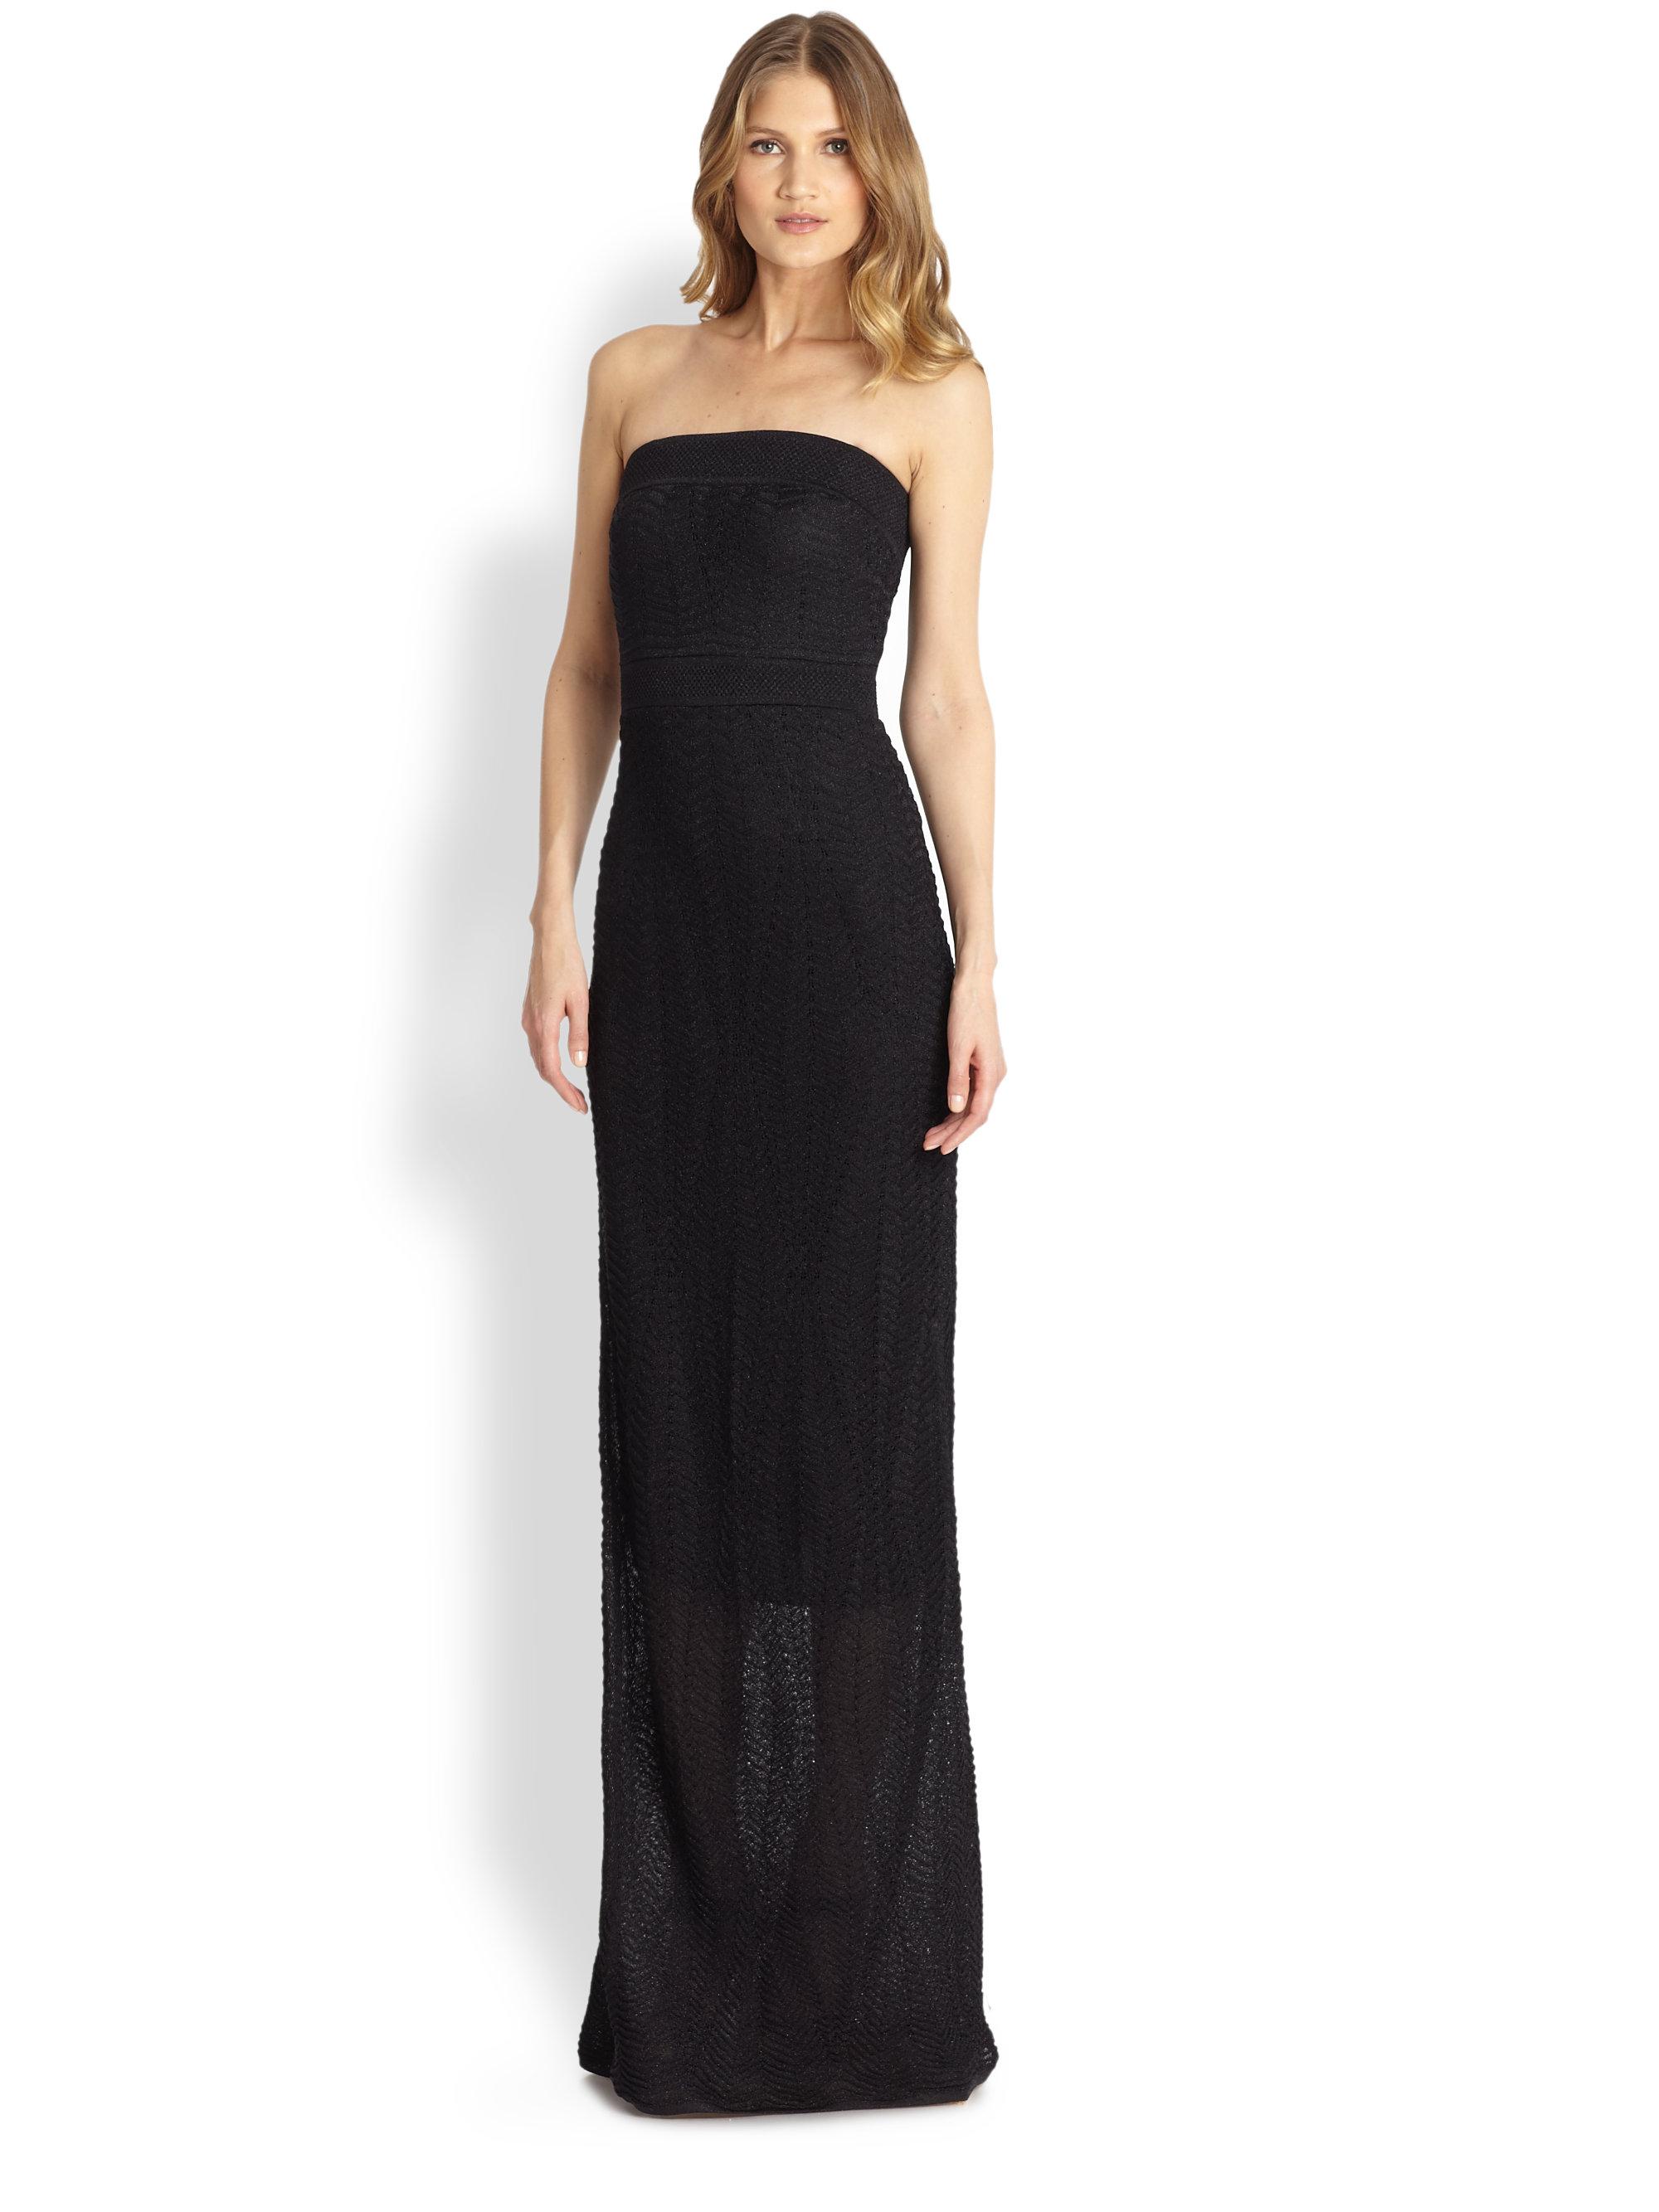 M Missoni Strapless Lurex Maxi Dress In Black Lyst